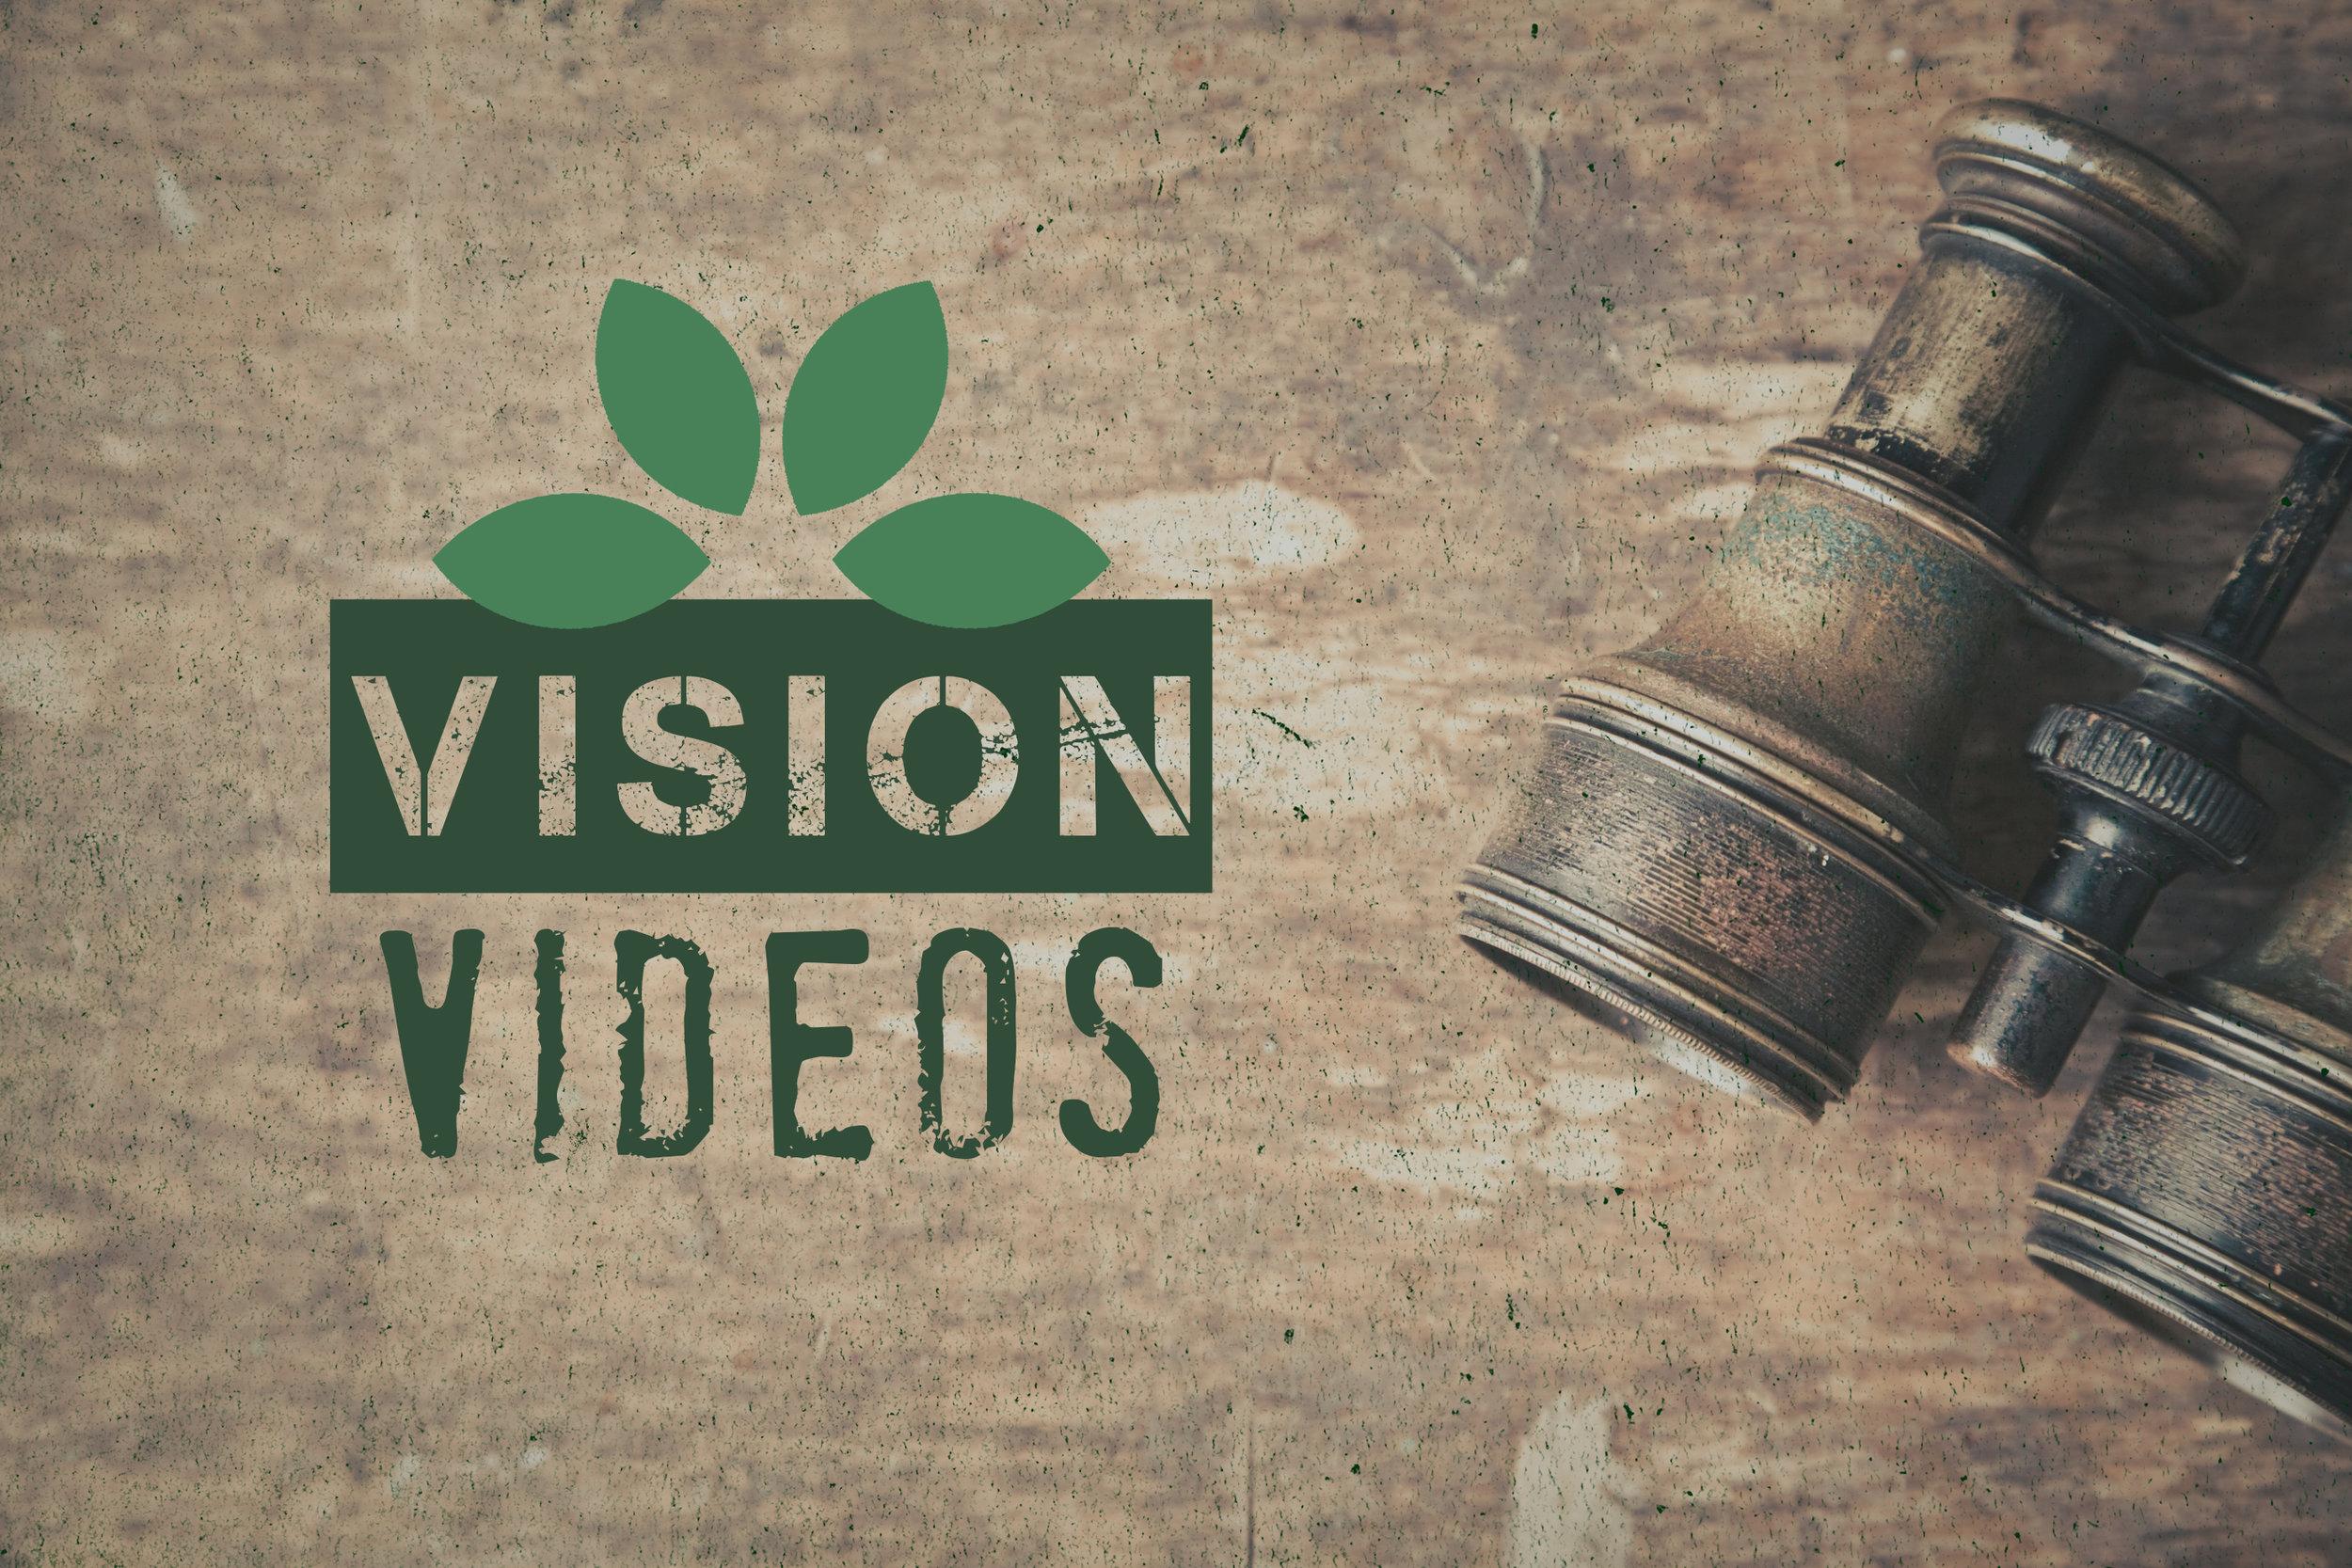 visionvideos.jpg